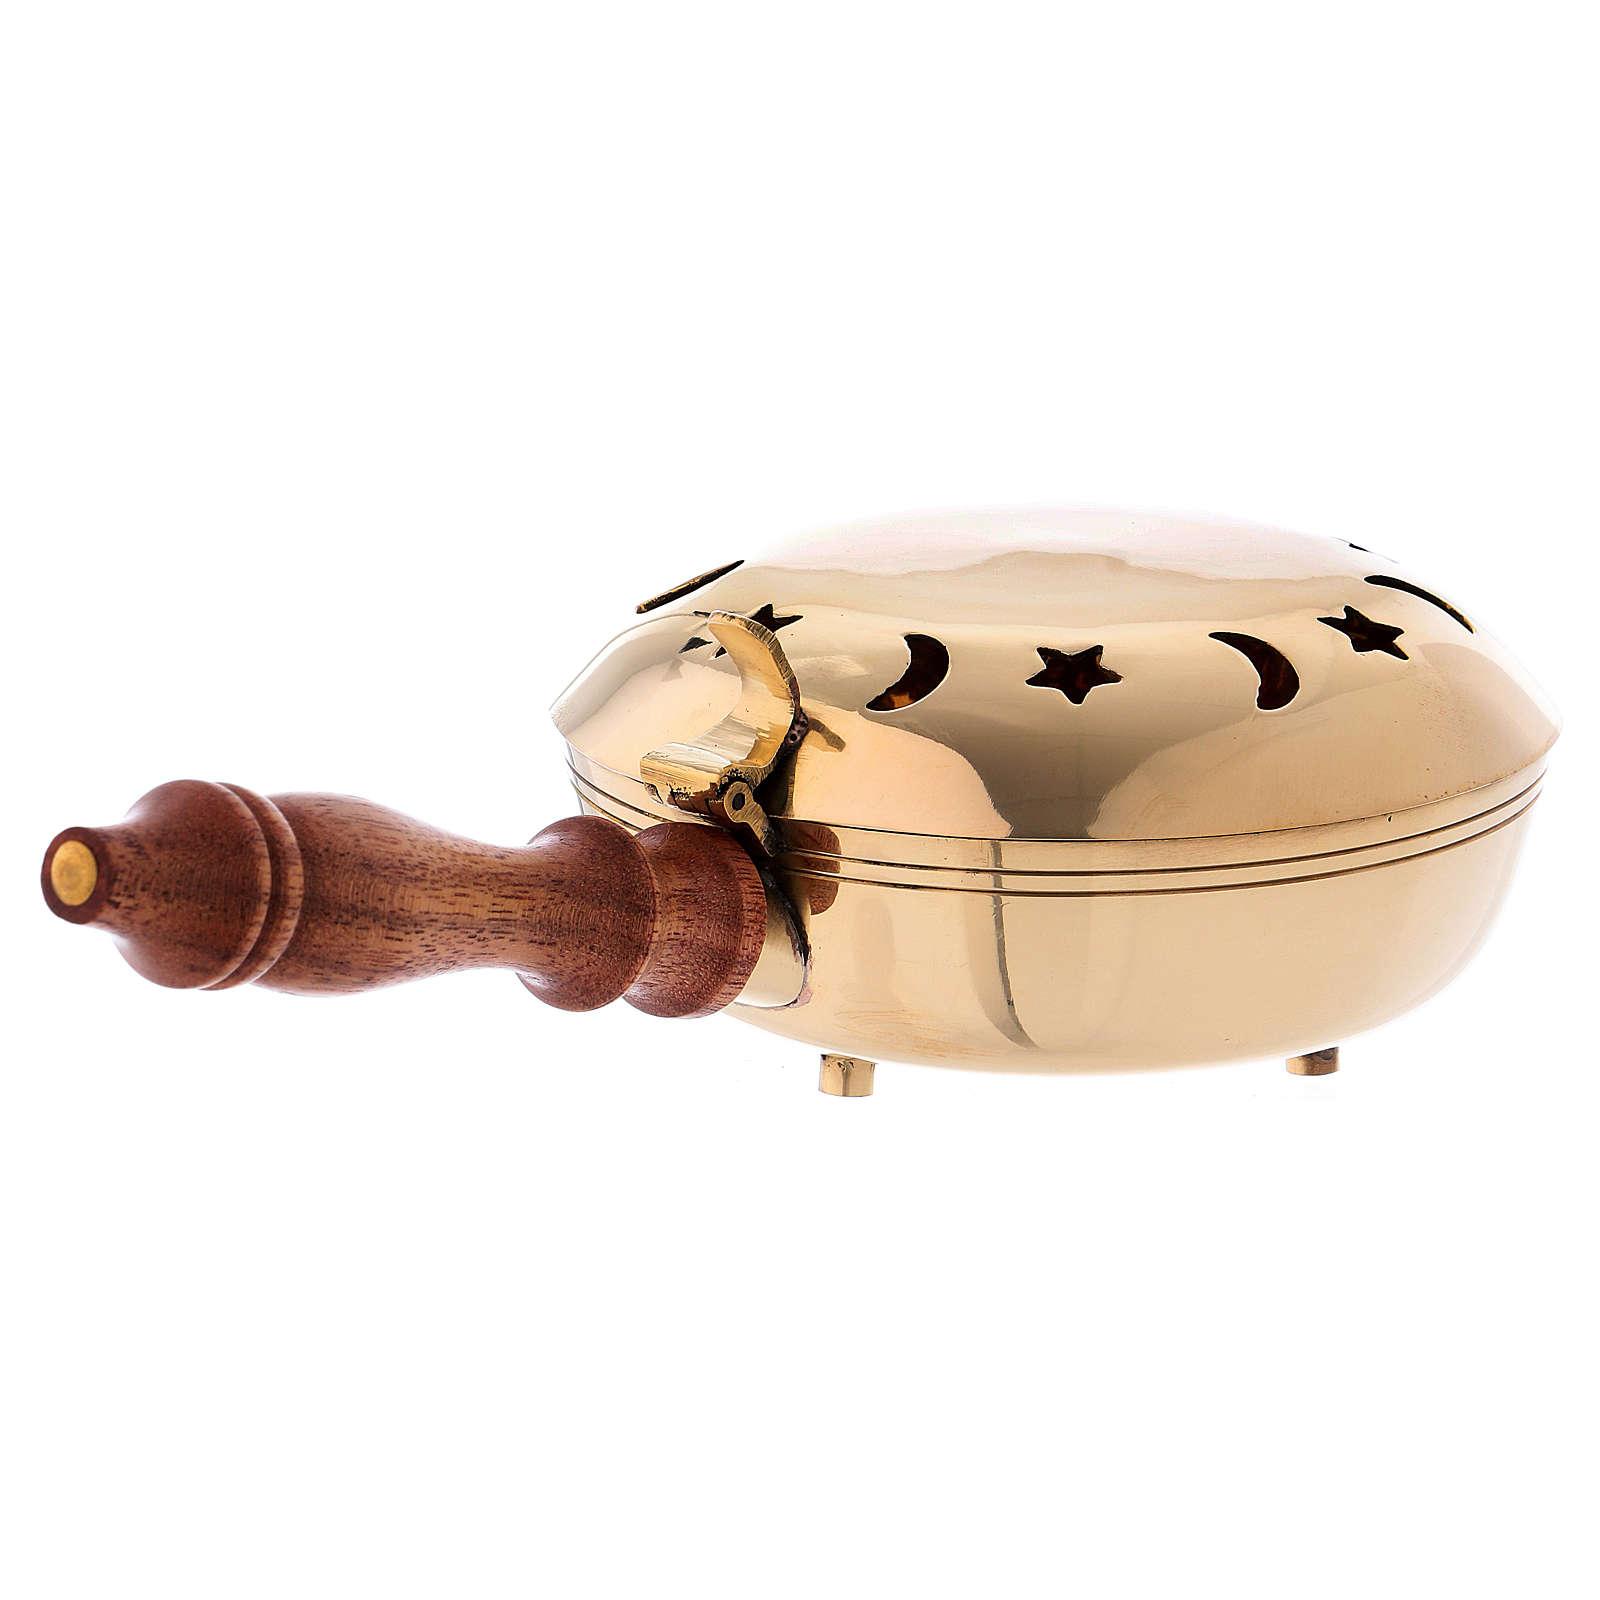 Brûle-encens laiton doré massif manche en bois 3